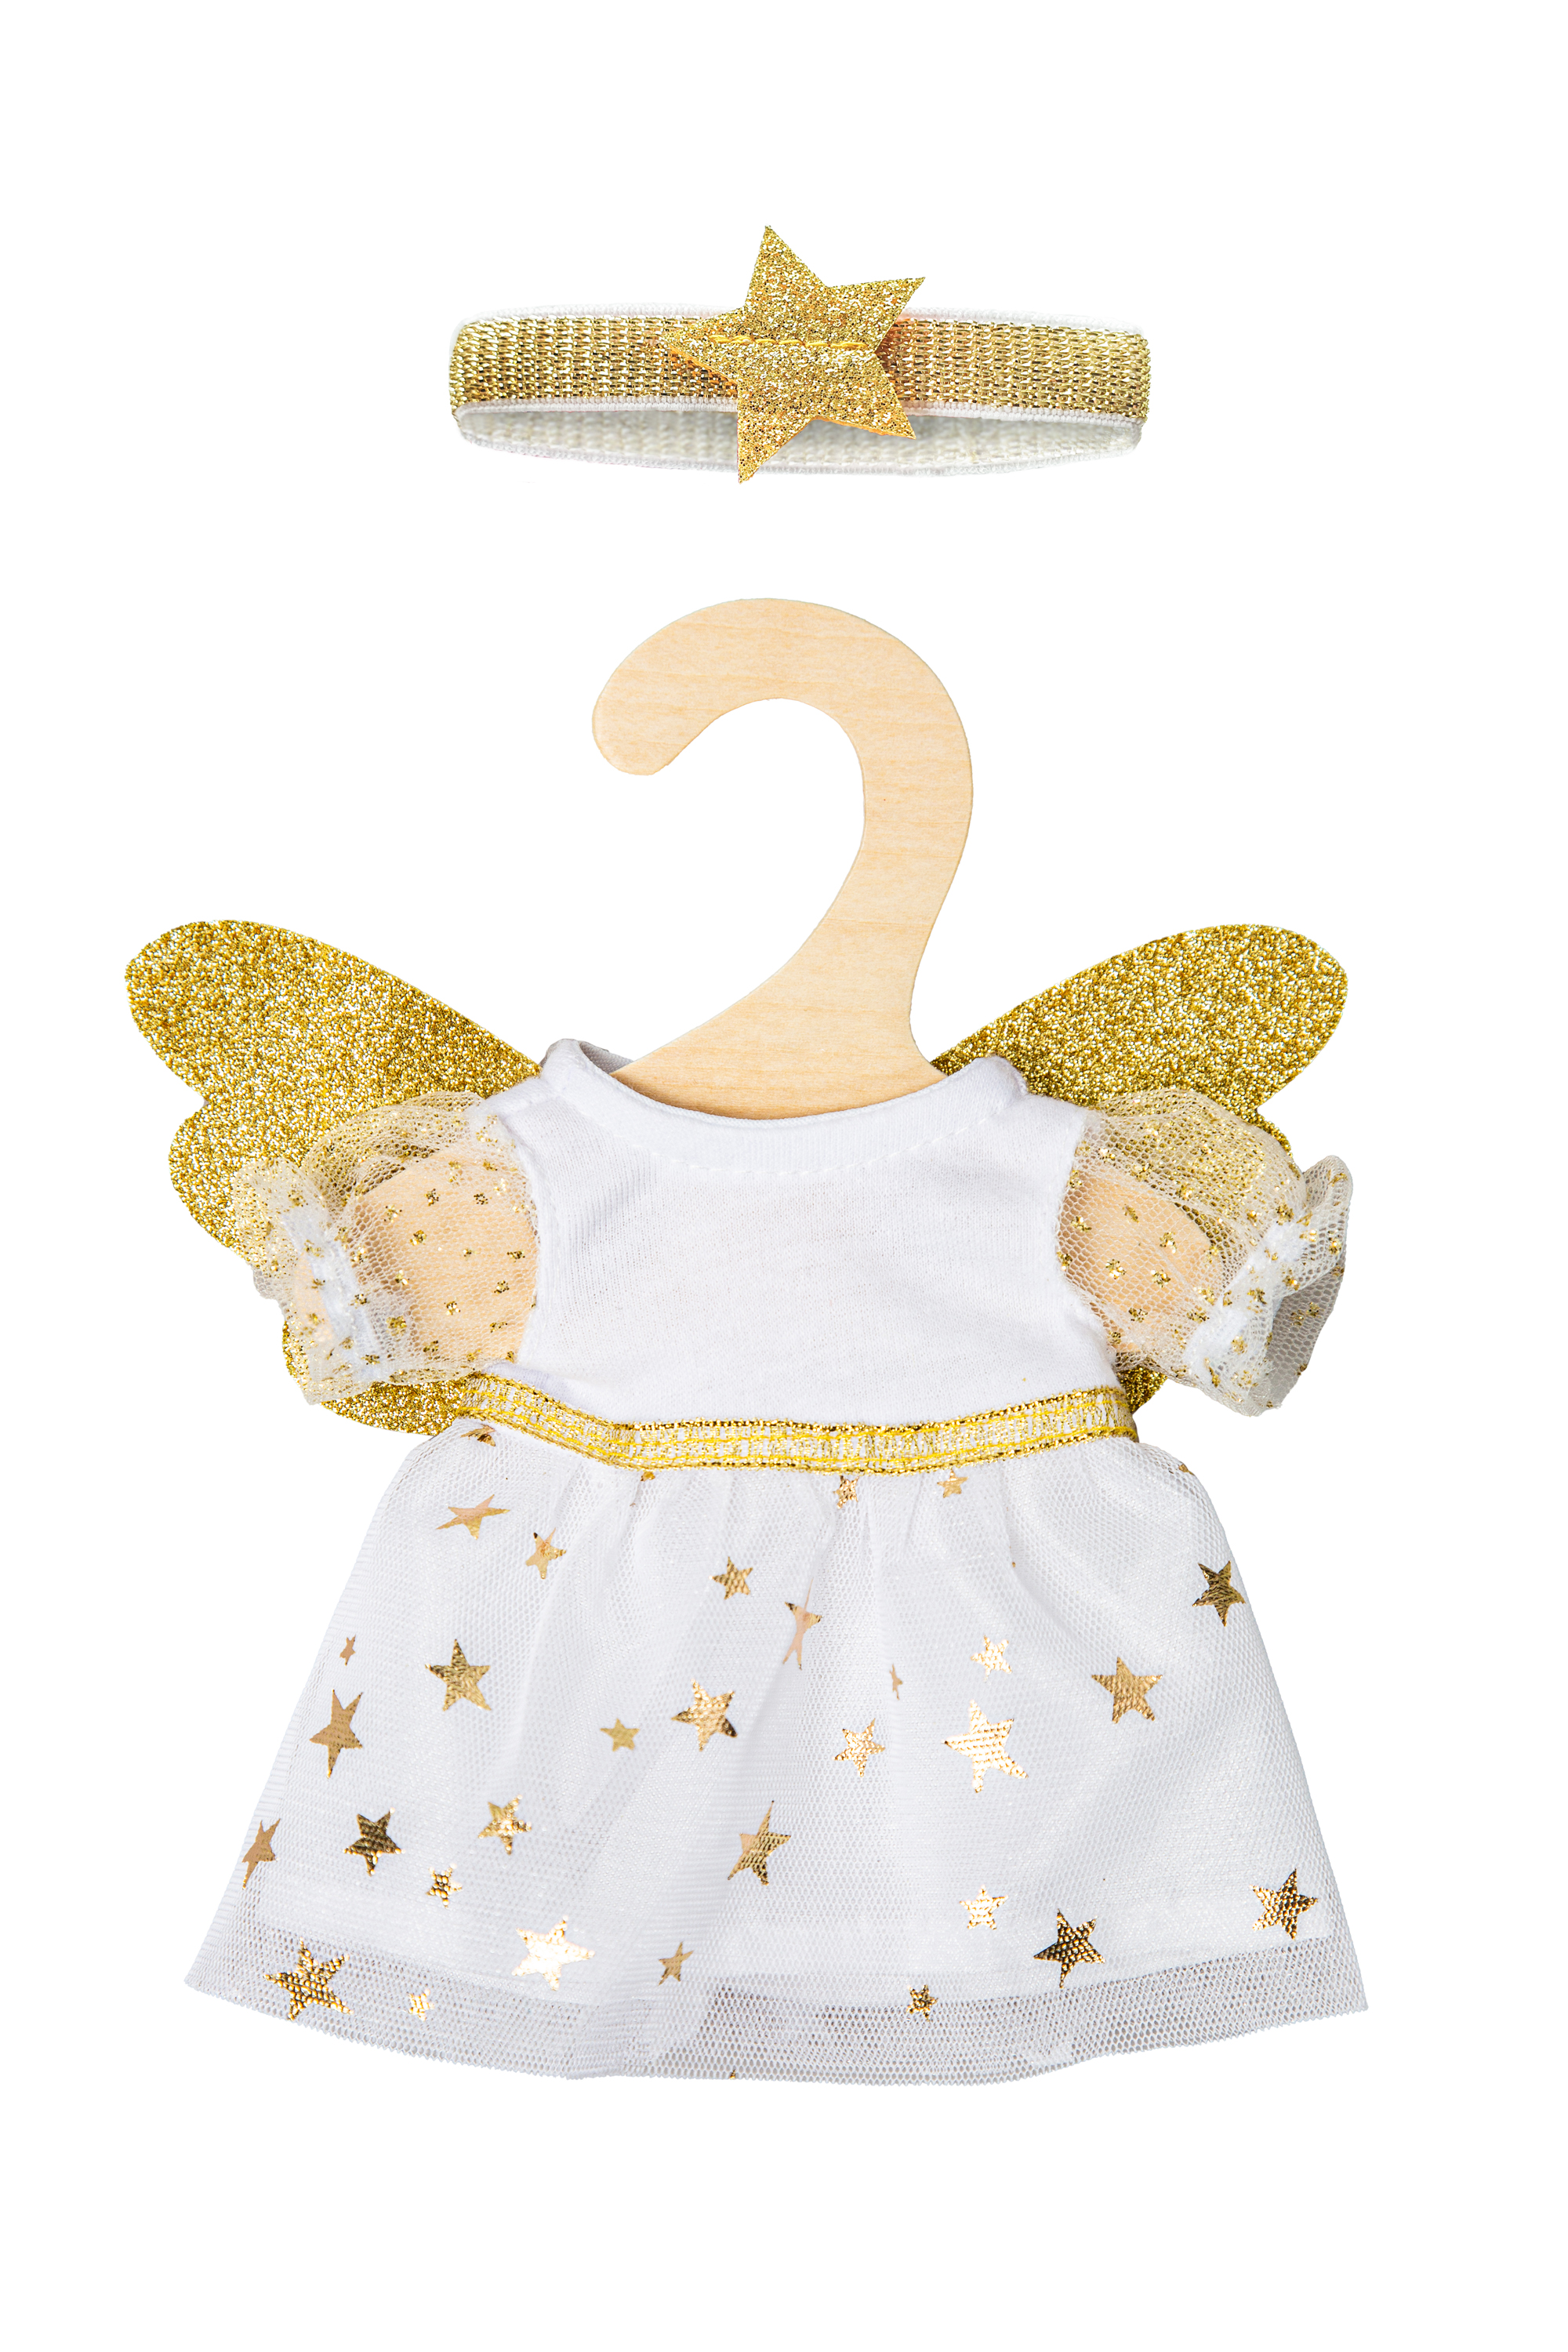 """Kleid """"Schutzengel"""" mit Sternen-Haarband, mini, Gr. 20-25 cm"""